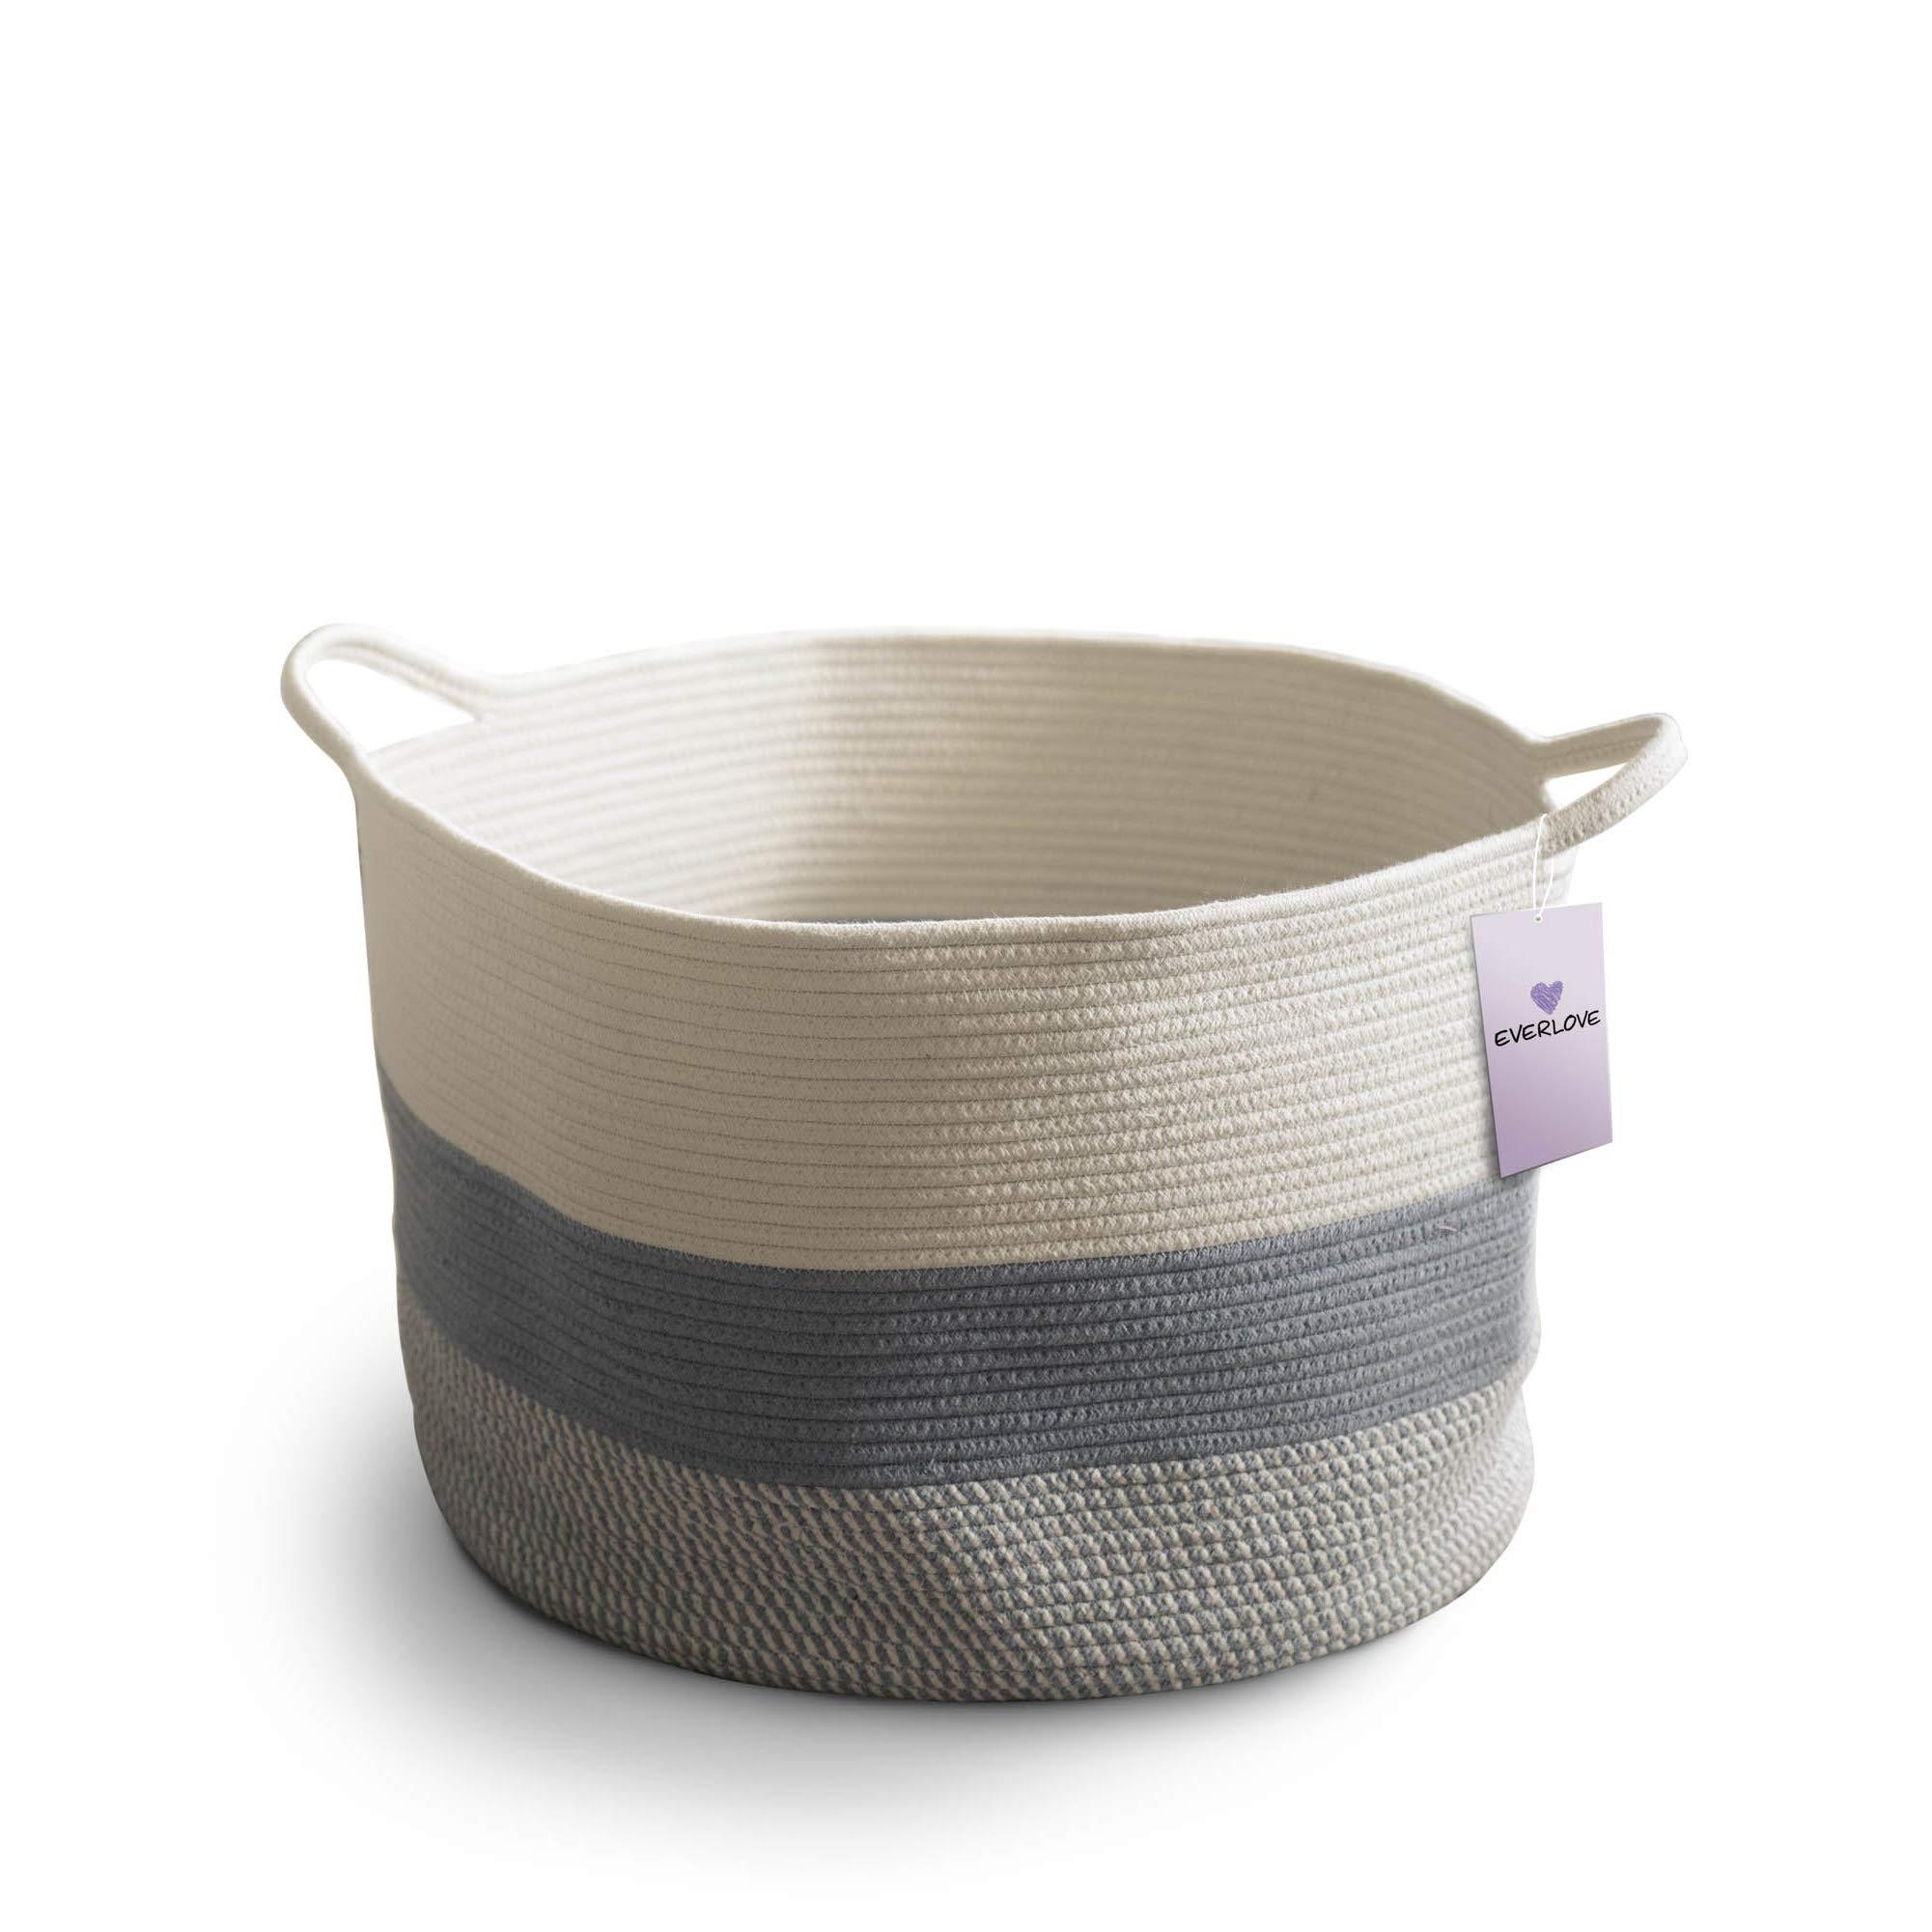 Everlove Large Blanket Basket Living Room - Woven Basket 20'' x 13'' - Cotton Rope Basket for Blankets Living Room - Large Basket - Large Baskets for Blankets Living Room - Blanket Storage by EverLove